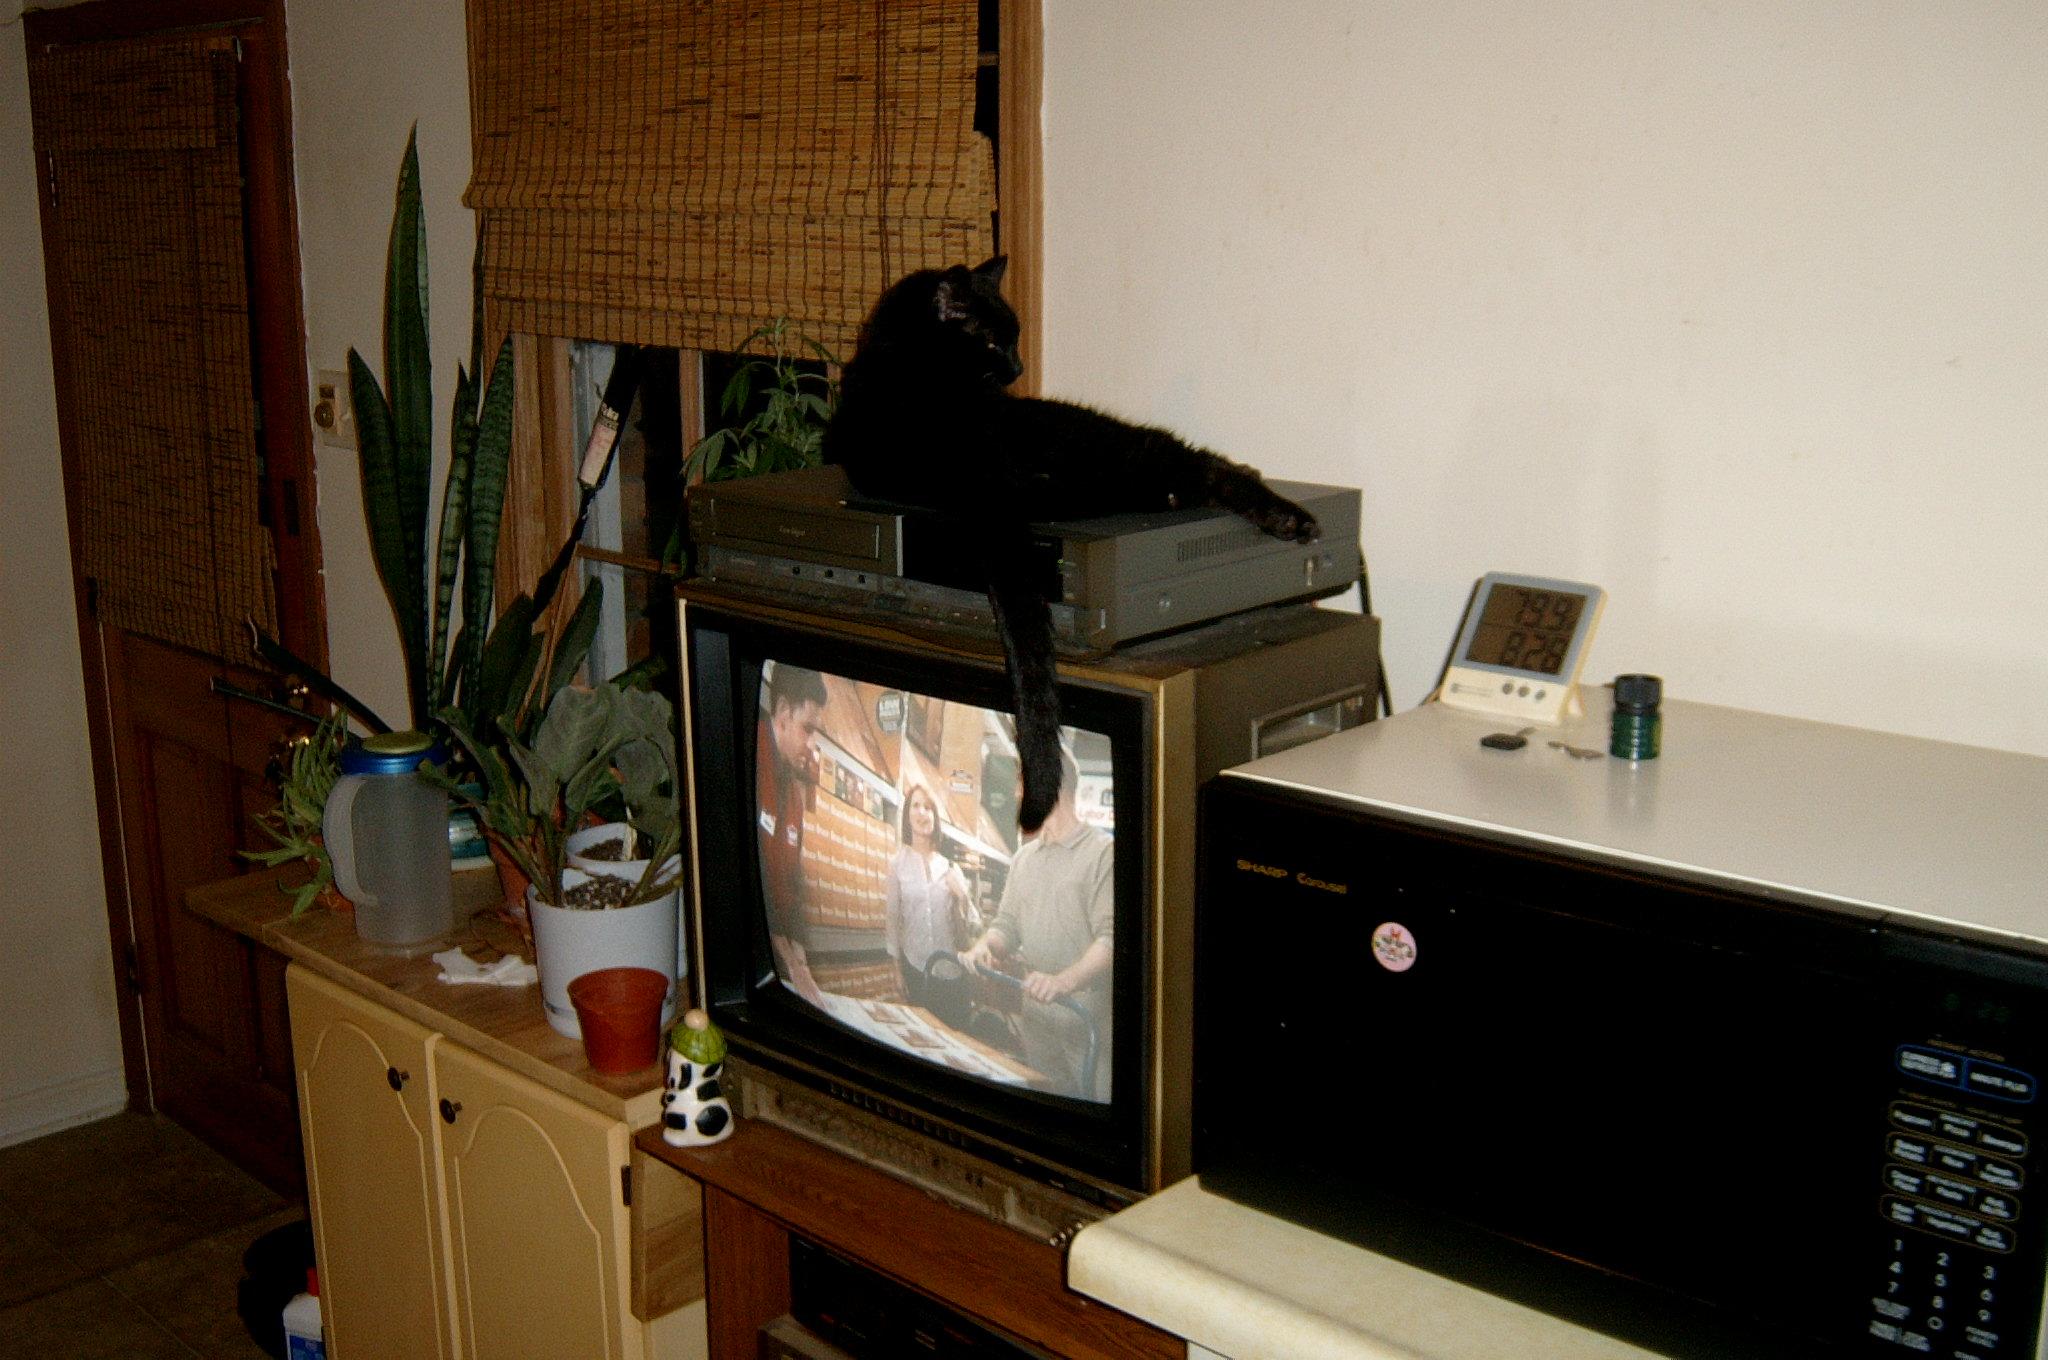 Strange black spot on tv...